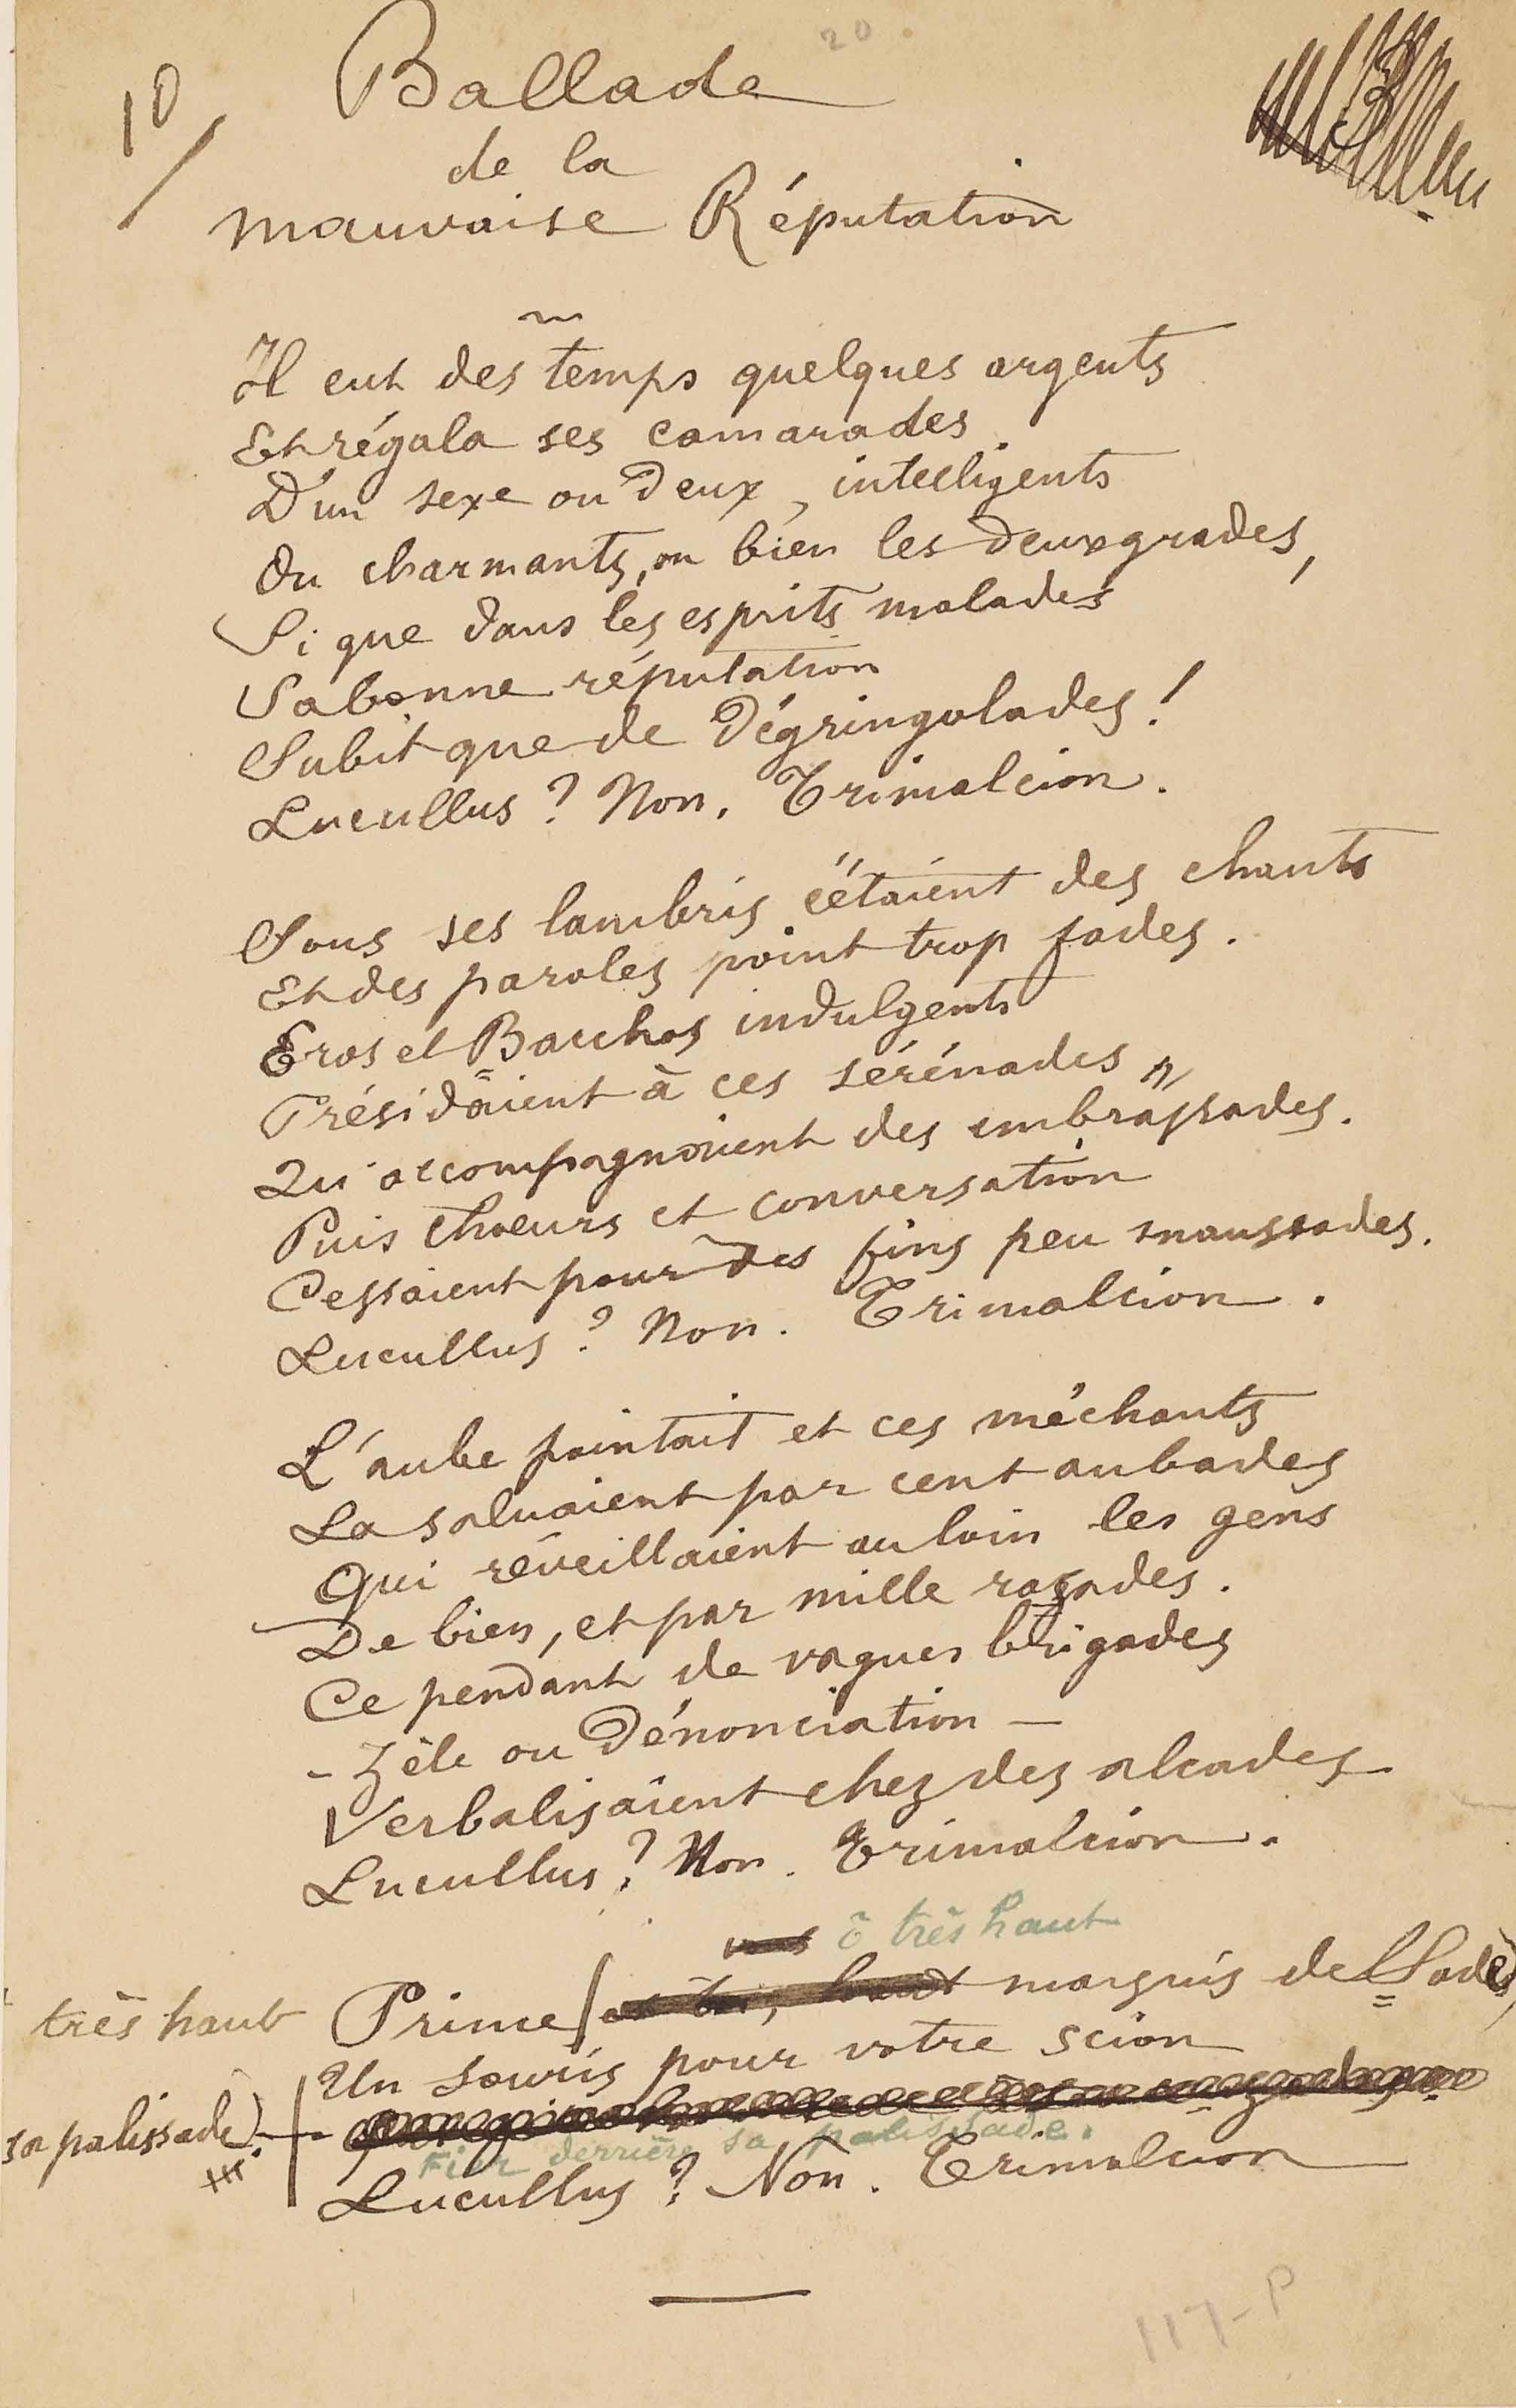 Paul VERLAINE. Ballade de la mauvaise réputation. Poème autographe en vingt-huit vers. [Paris (?): décembre 1885 (?)]. Une page in-8 (193 x 123 mm).